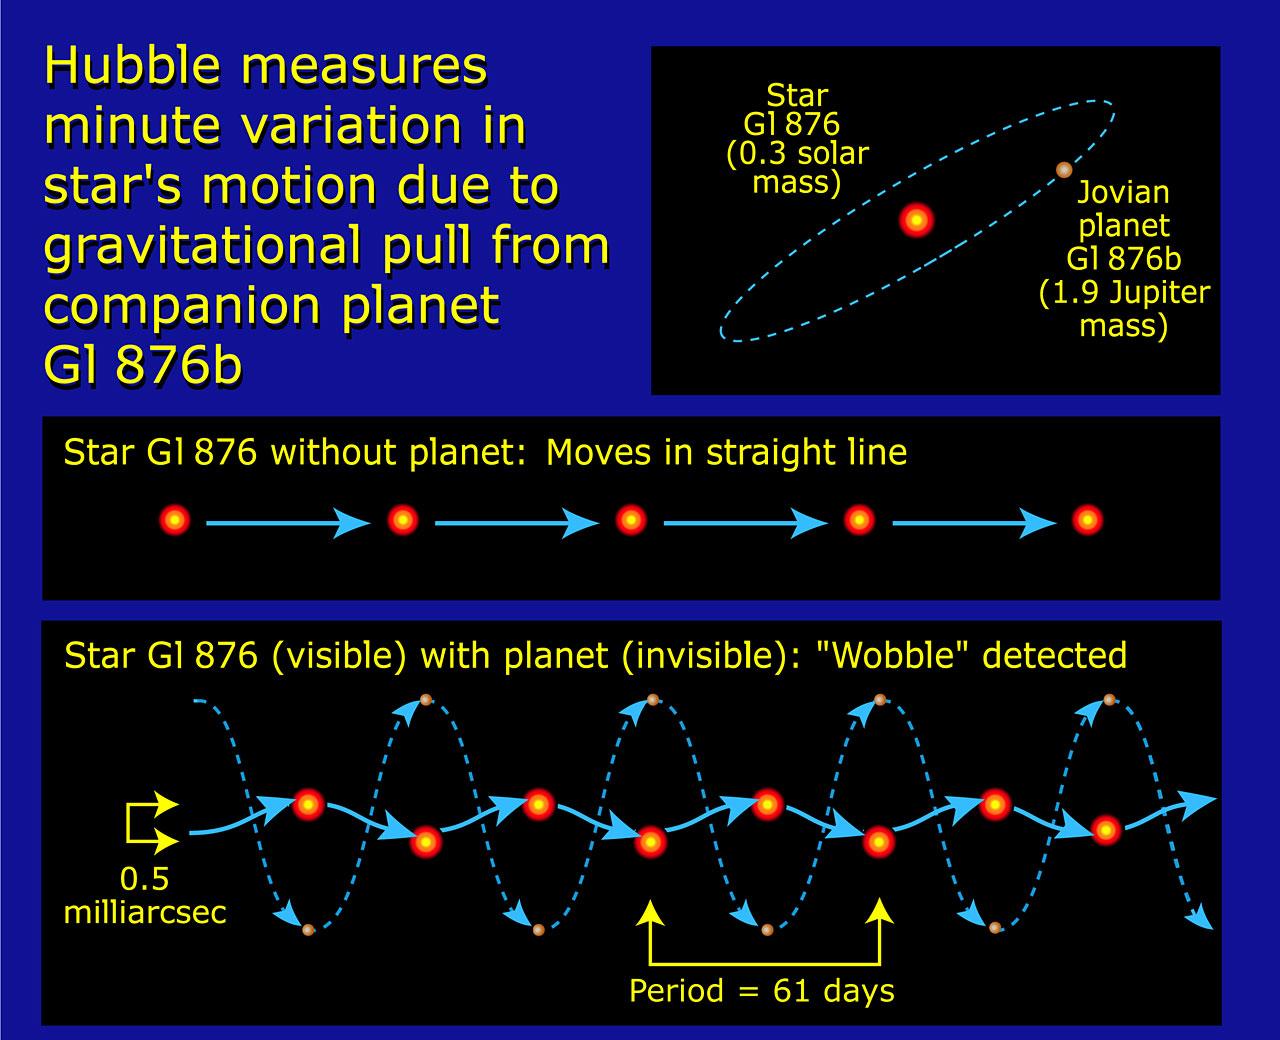 Measuring Minute Variation of Star Gl 876b